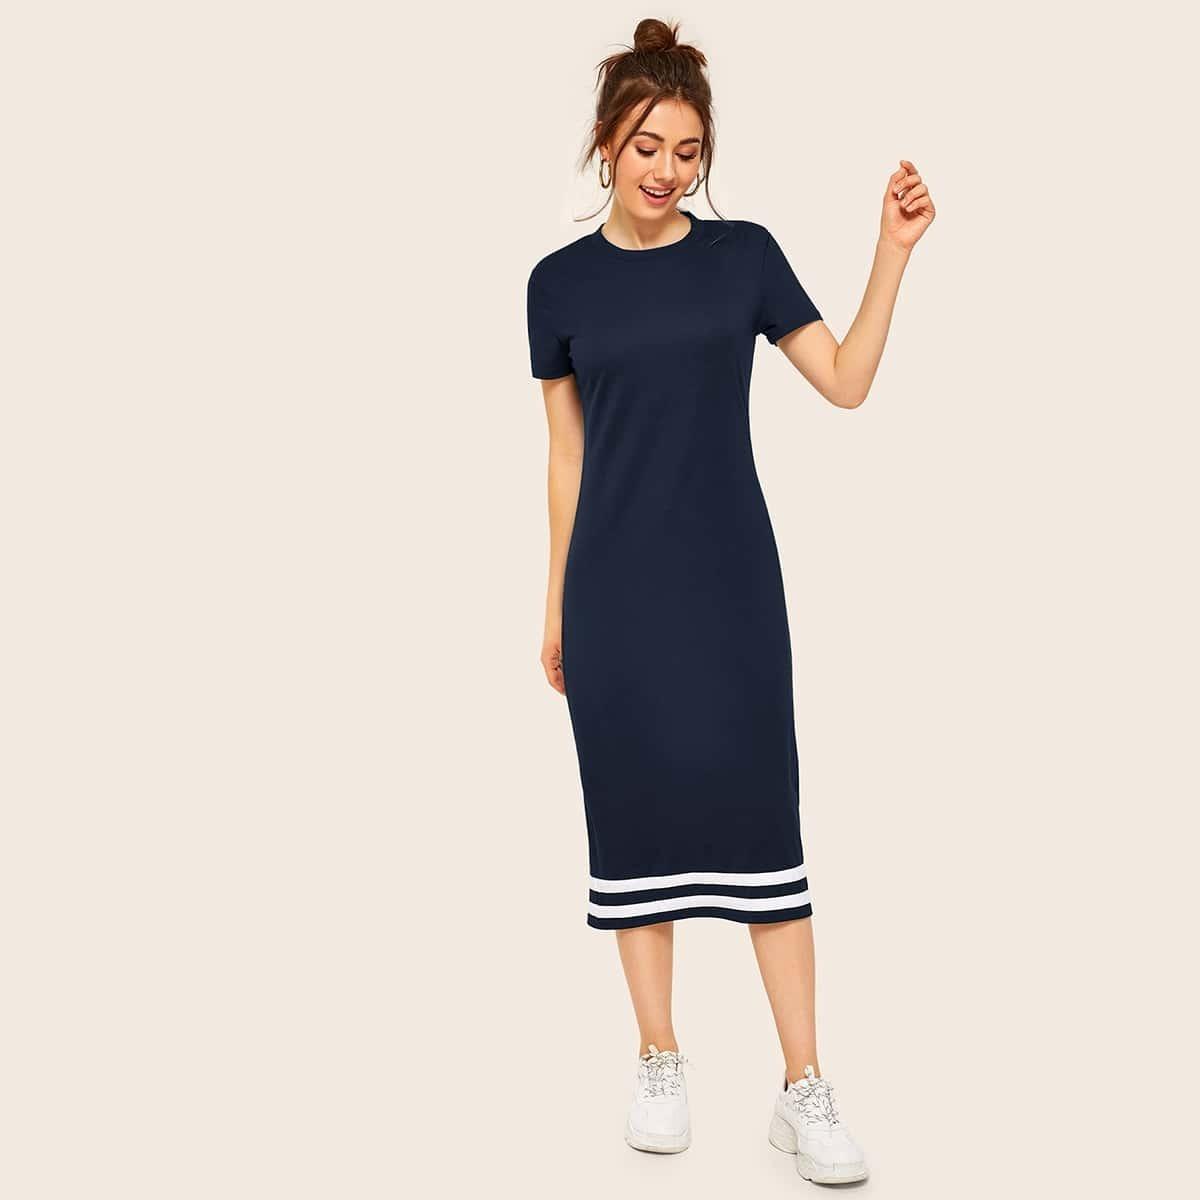 Стильное платье с полосками Image